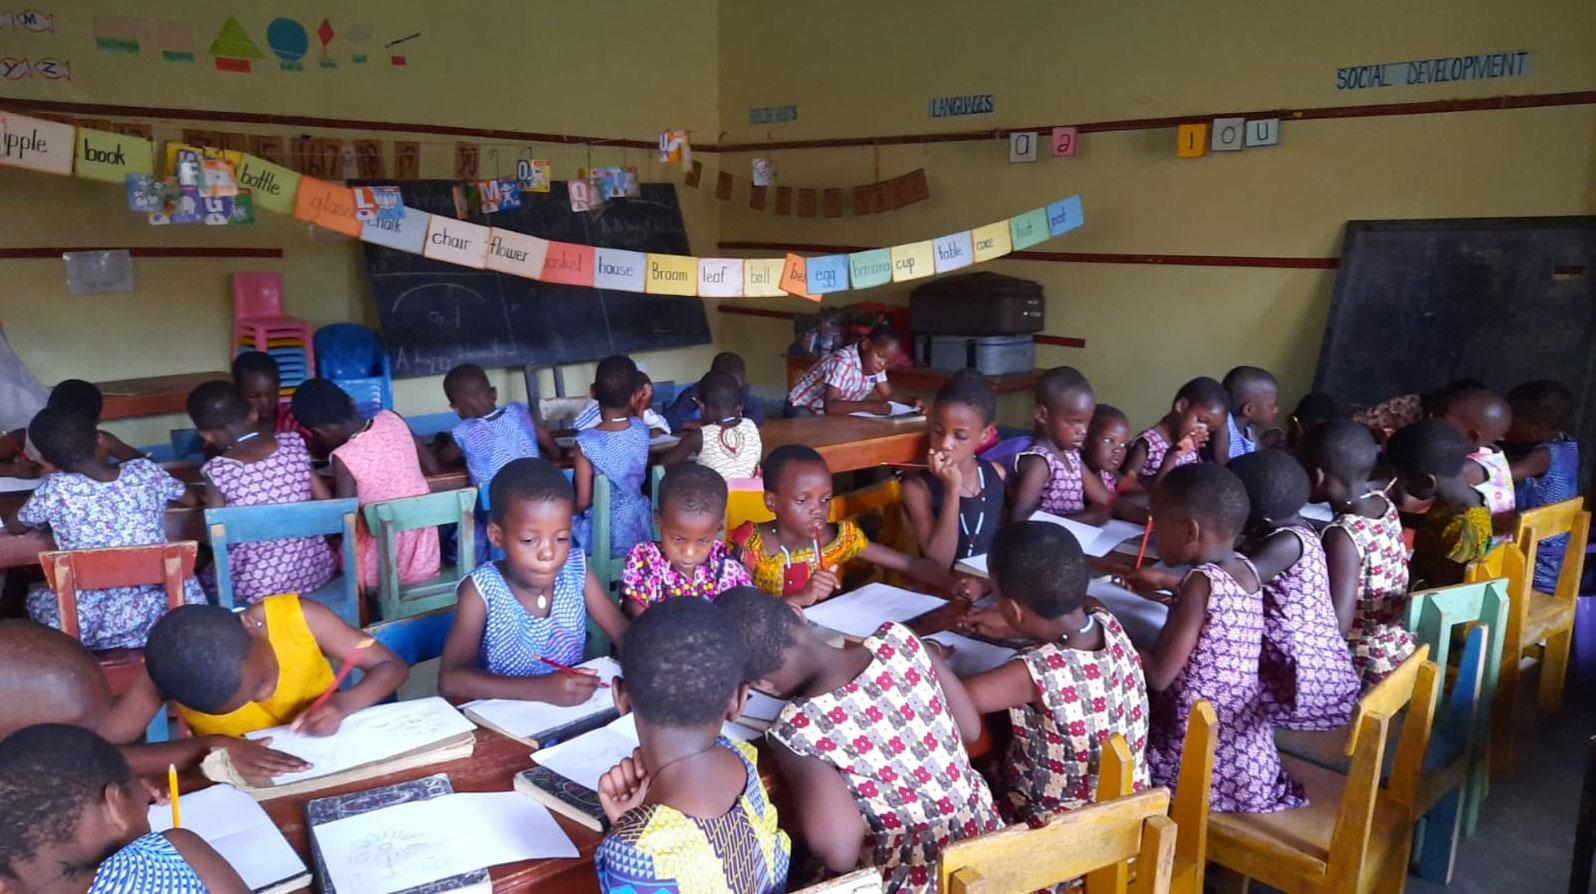 jestescieswiatlem-Budowa-domu-dla-bezdomnych-dzieci-w-Ugandzie-11